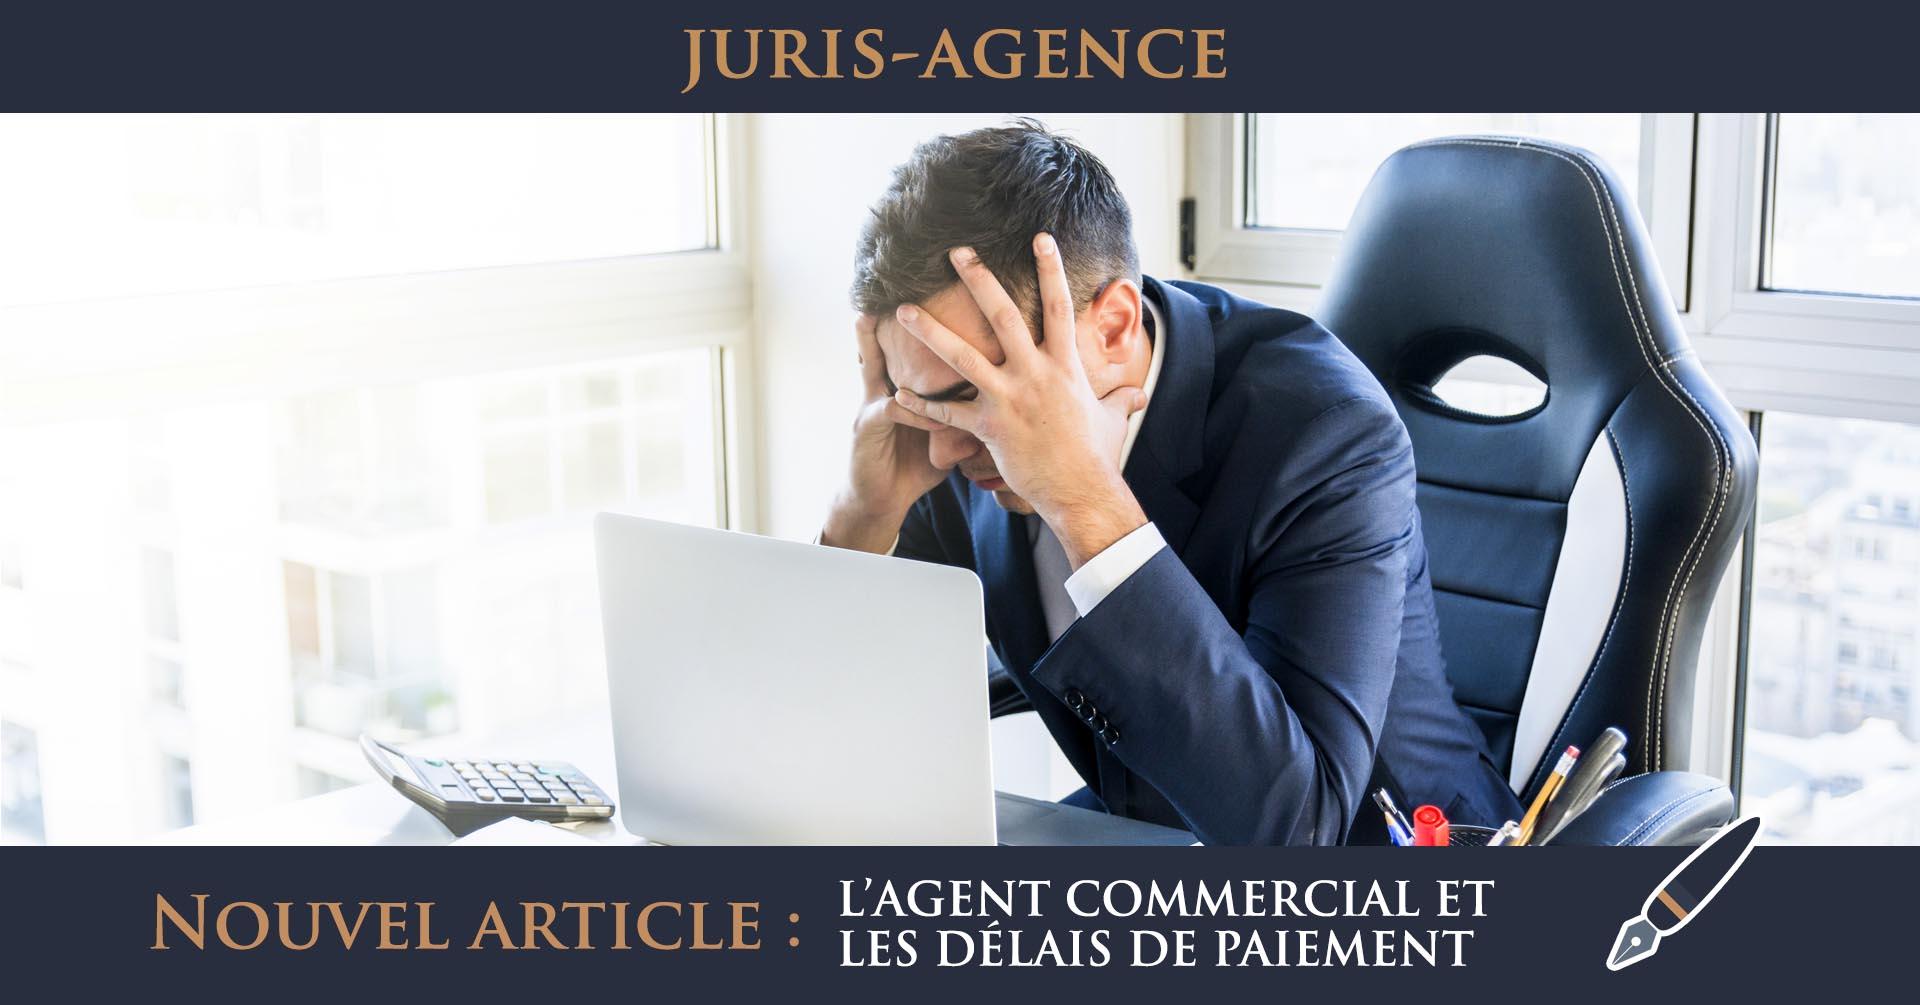 illustration agent commercial et délais de paiement